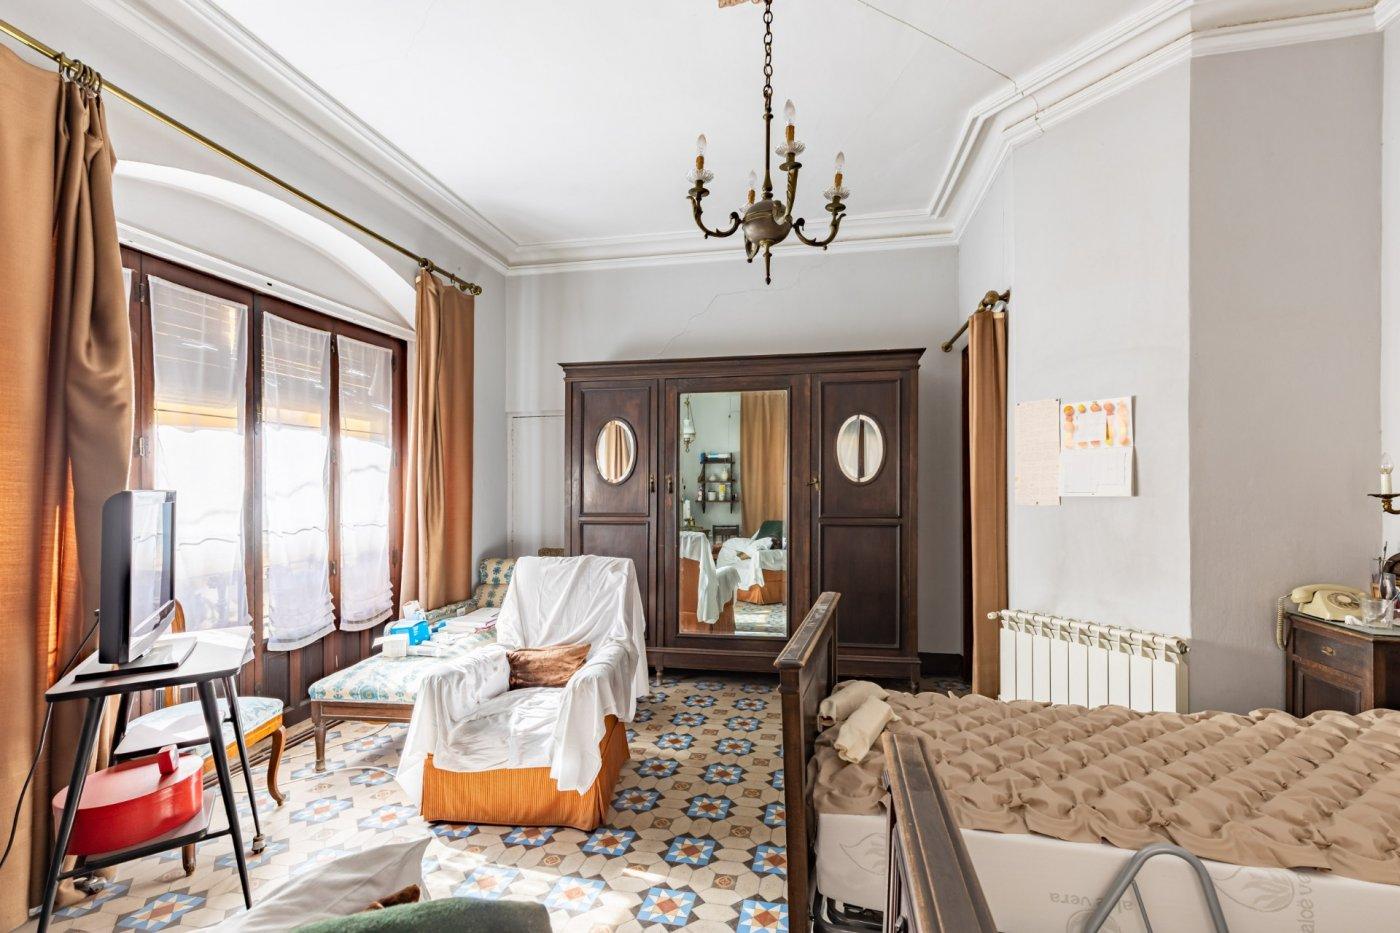 Imponente piso en venta - imagenInmueble9